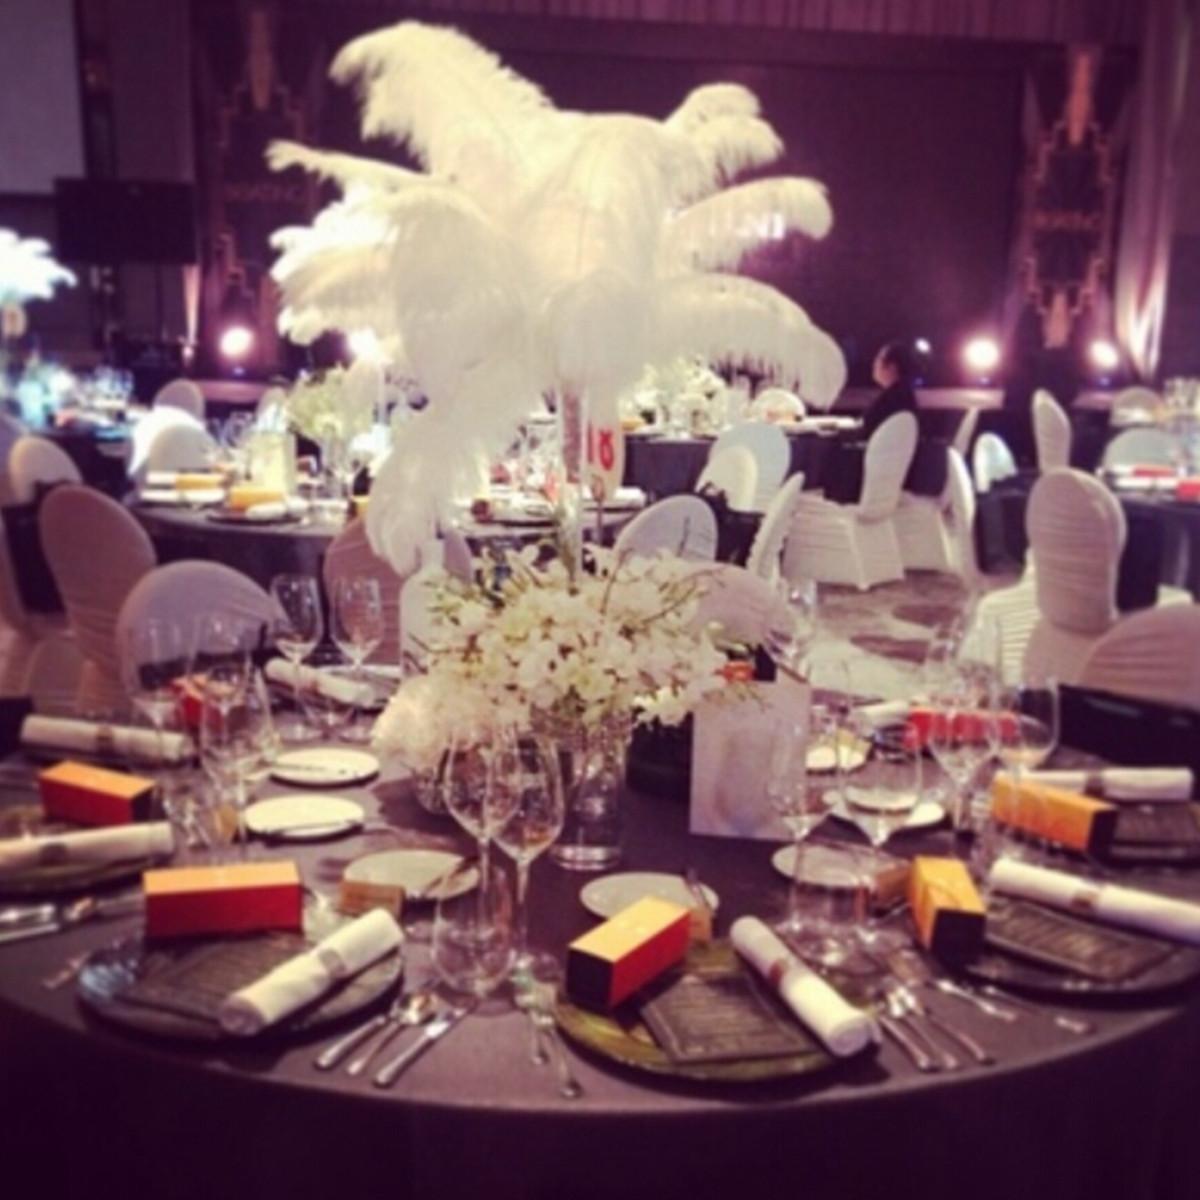 10 Pcs Bulu Burung Unta Alami DIY Kerajinan Pernikahan Pesta Kostum 30-35 Cm-